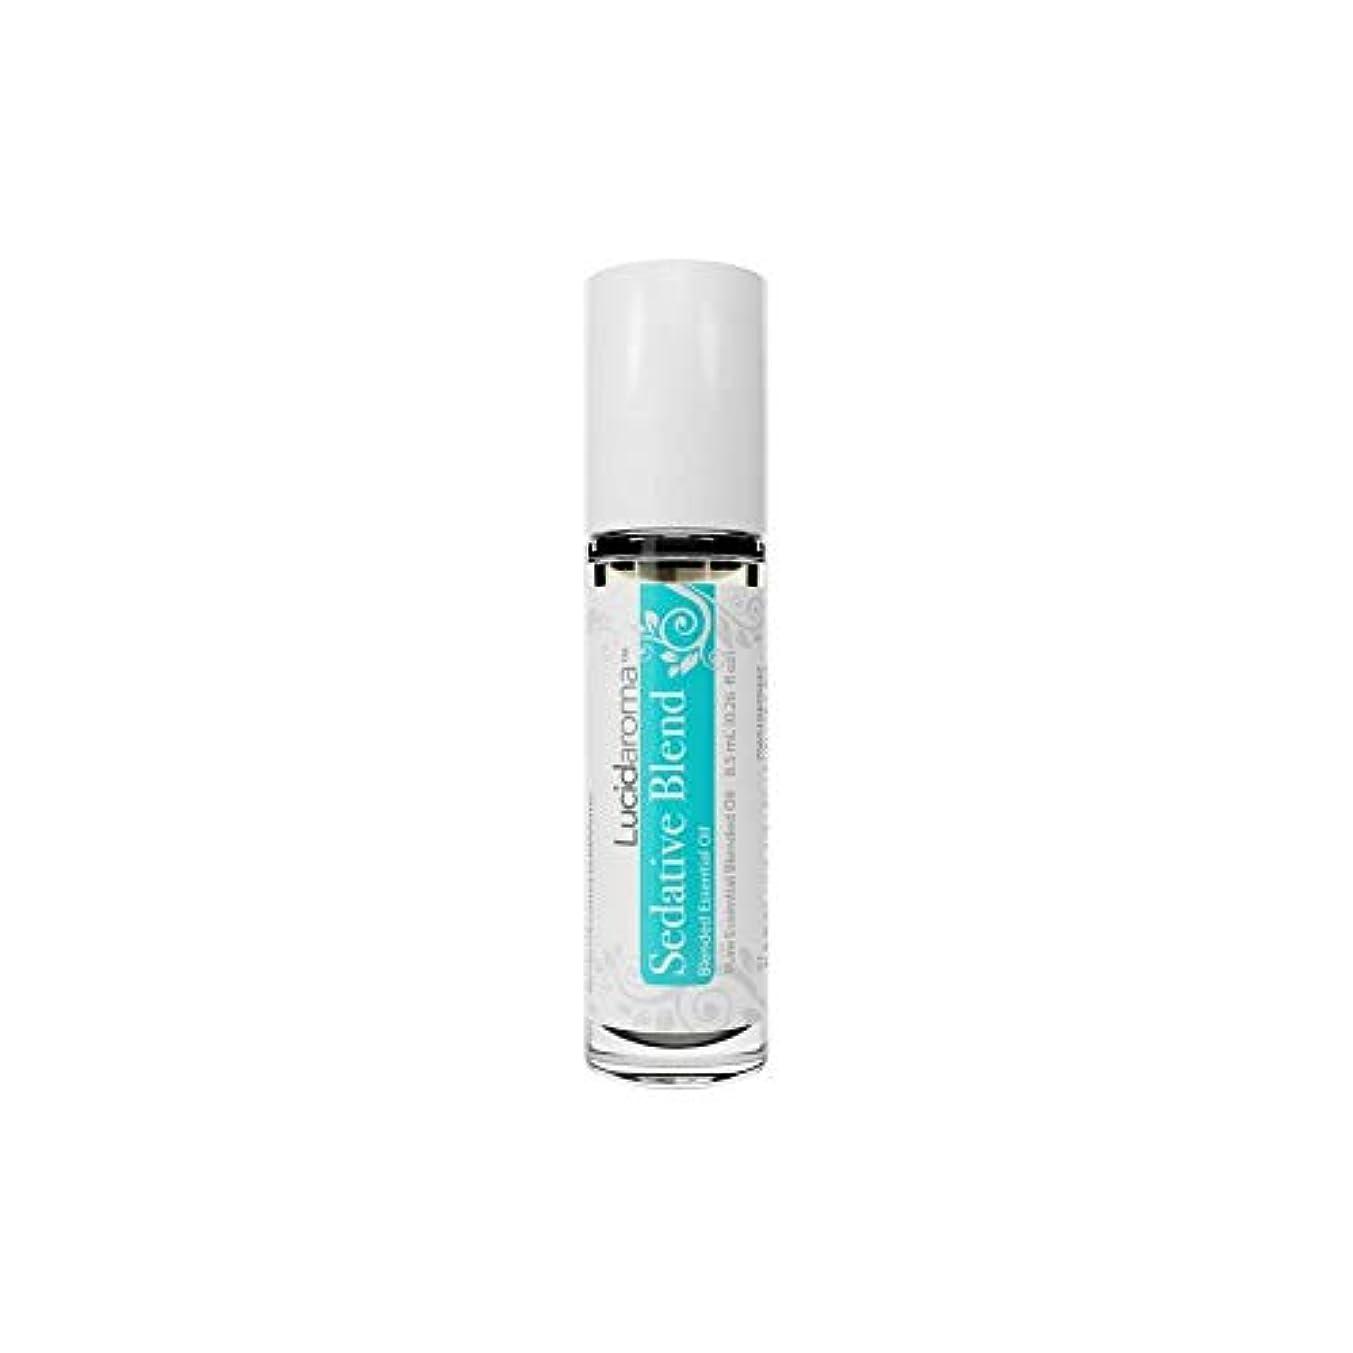 葉を拾うインセンティブ移行Lucid Aroma Sedative Blend セダティヴ ブレンド ロールオン アロマオイル 8.5mL (塗るアロマ) 100%天然 携帯便利 ピュア エッセンシャル アメリカ製